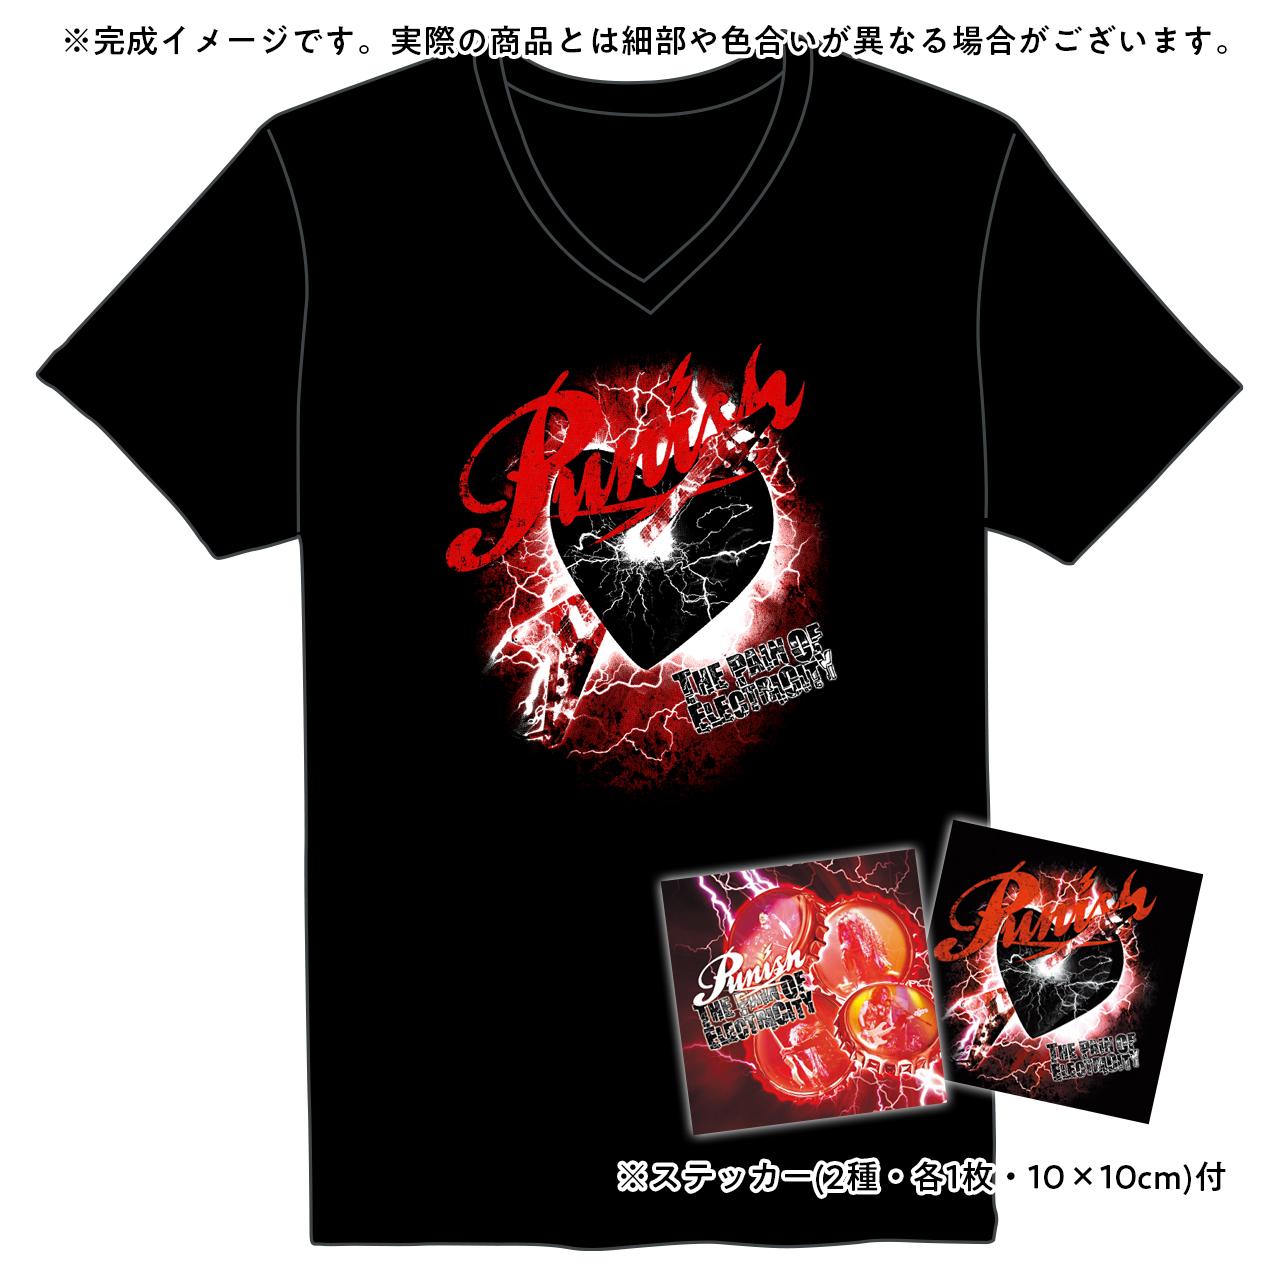 Tシャツ(メンズ完売)+ステッカーset:Punish - 画像1